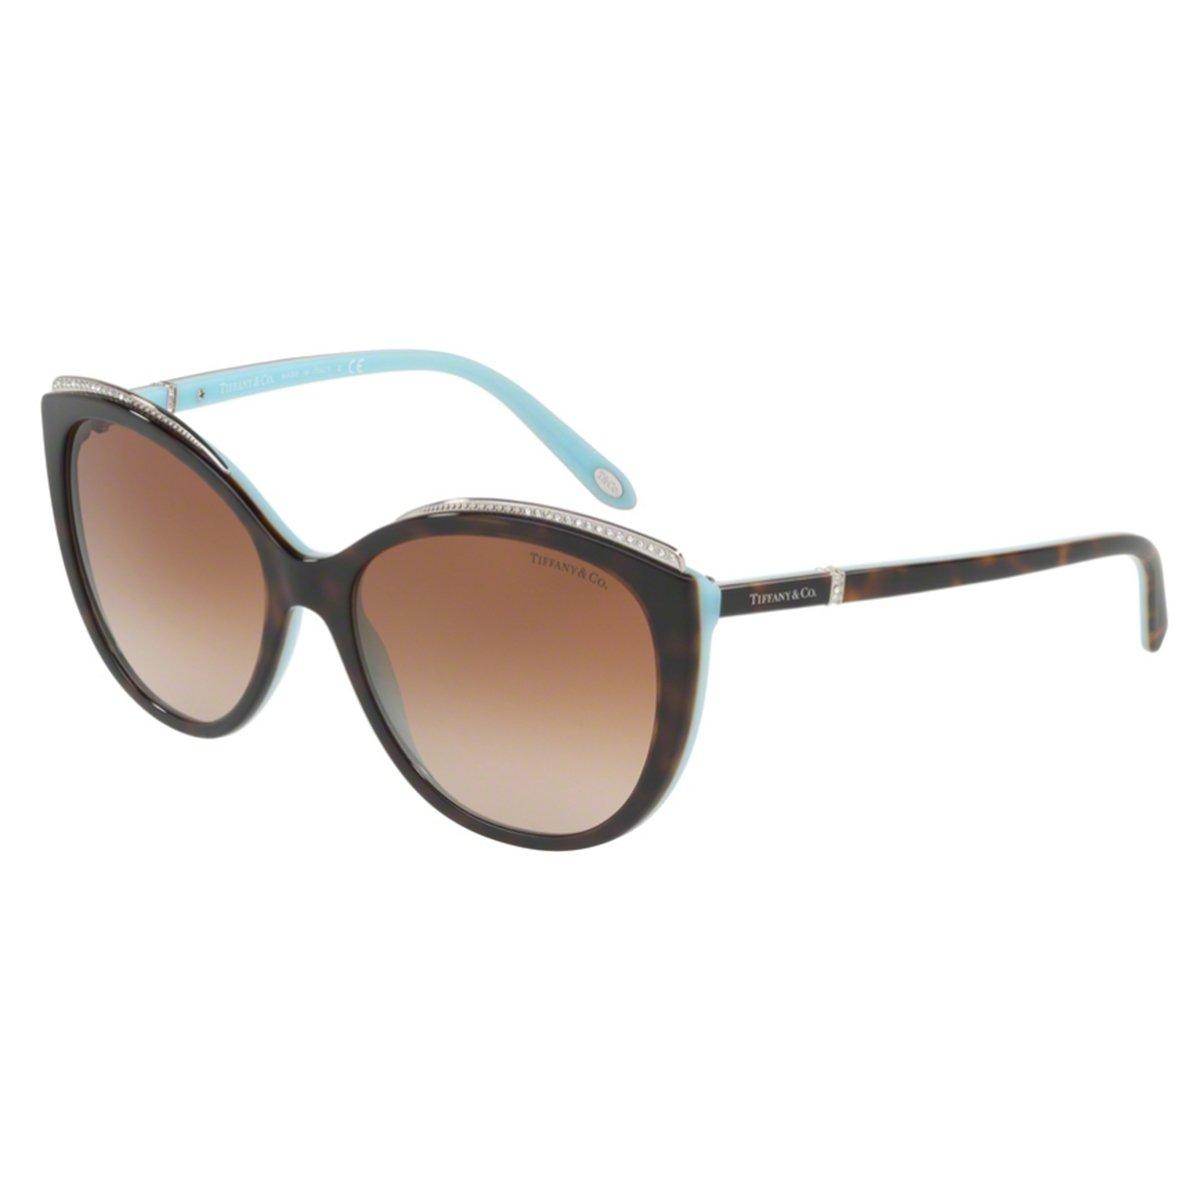 8a2a99d49100c Compre Óculos de Sol Tiffany   Co. em 10X